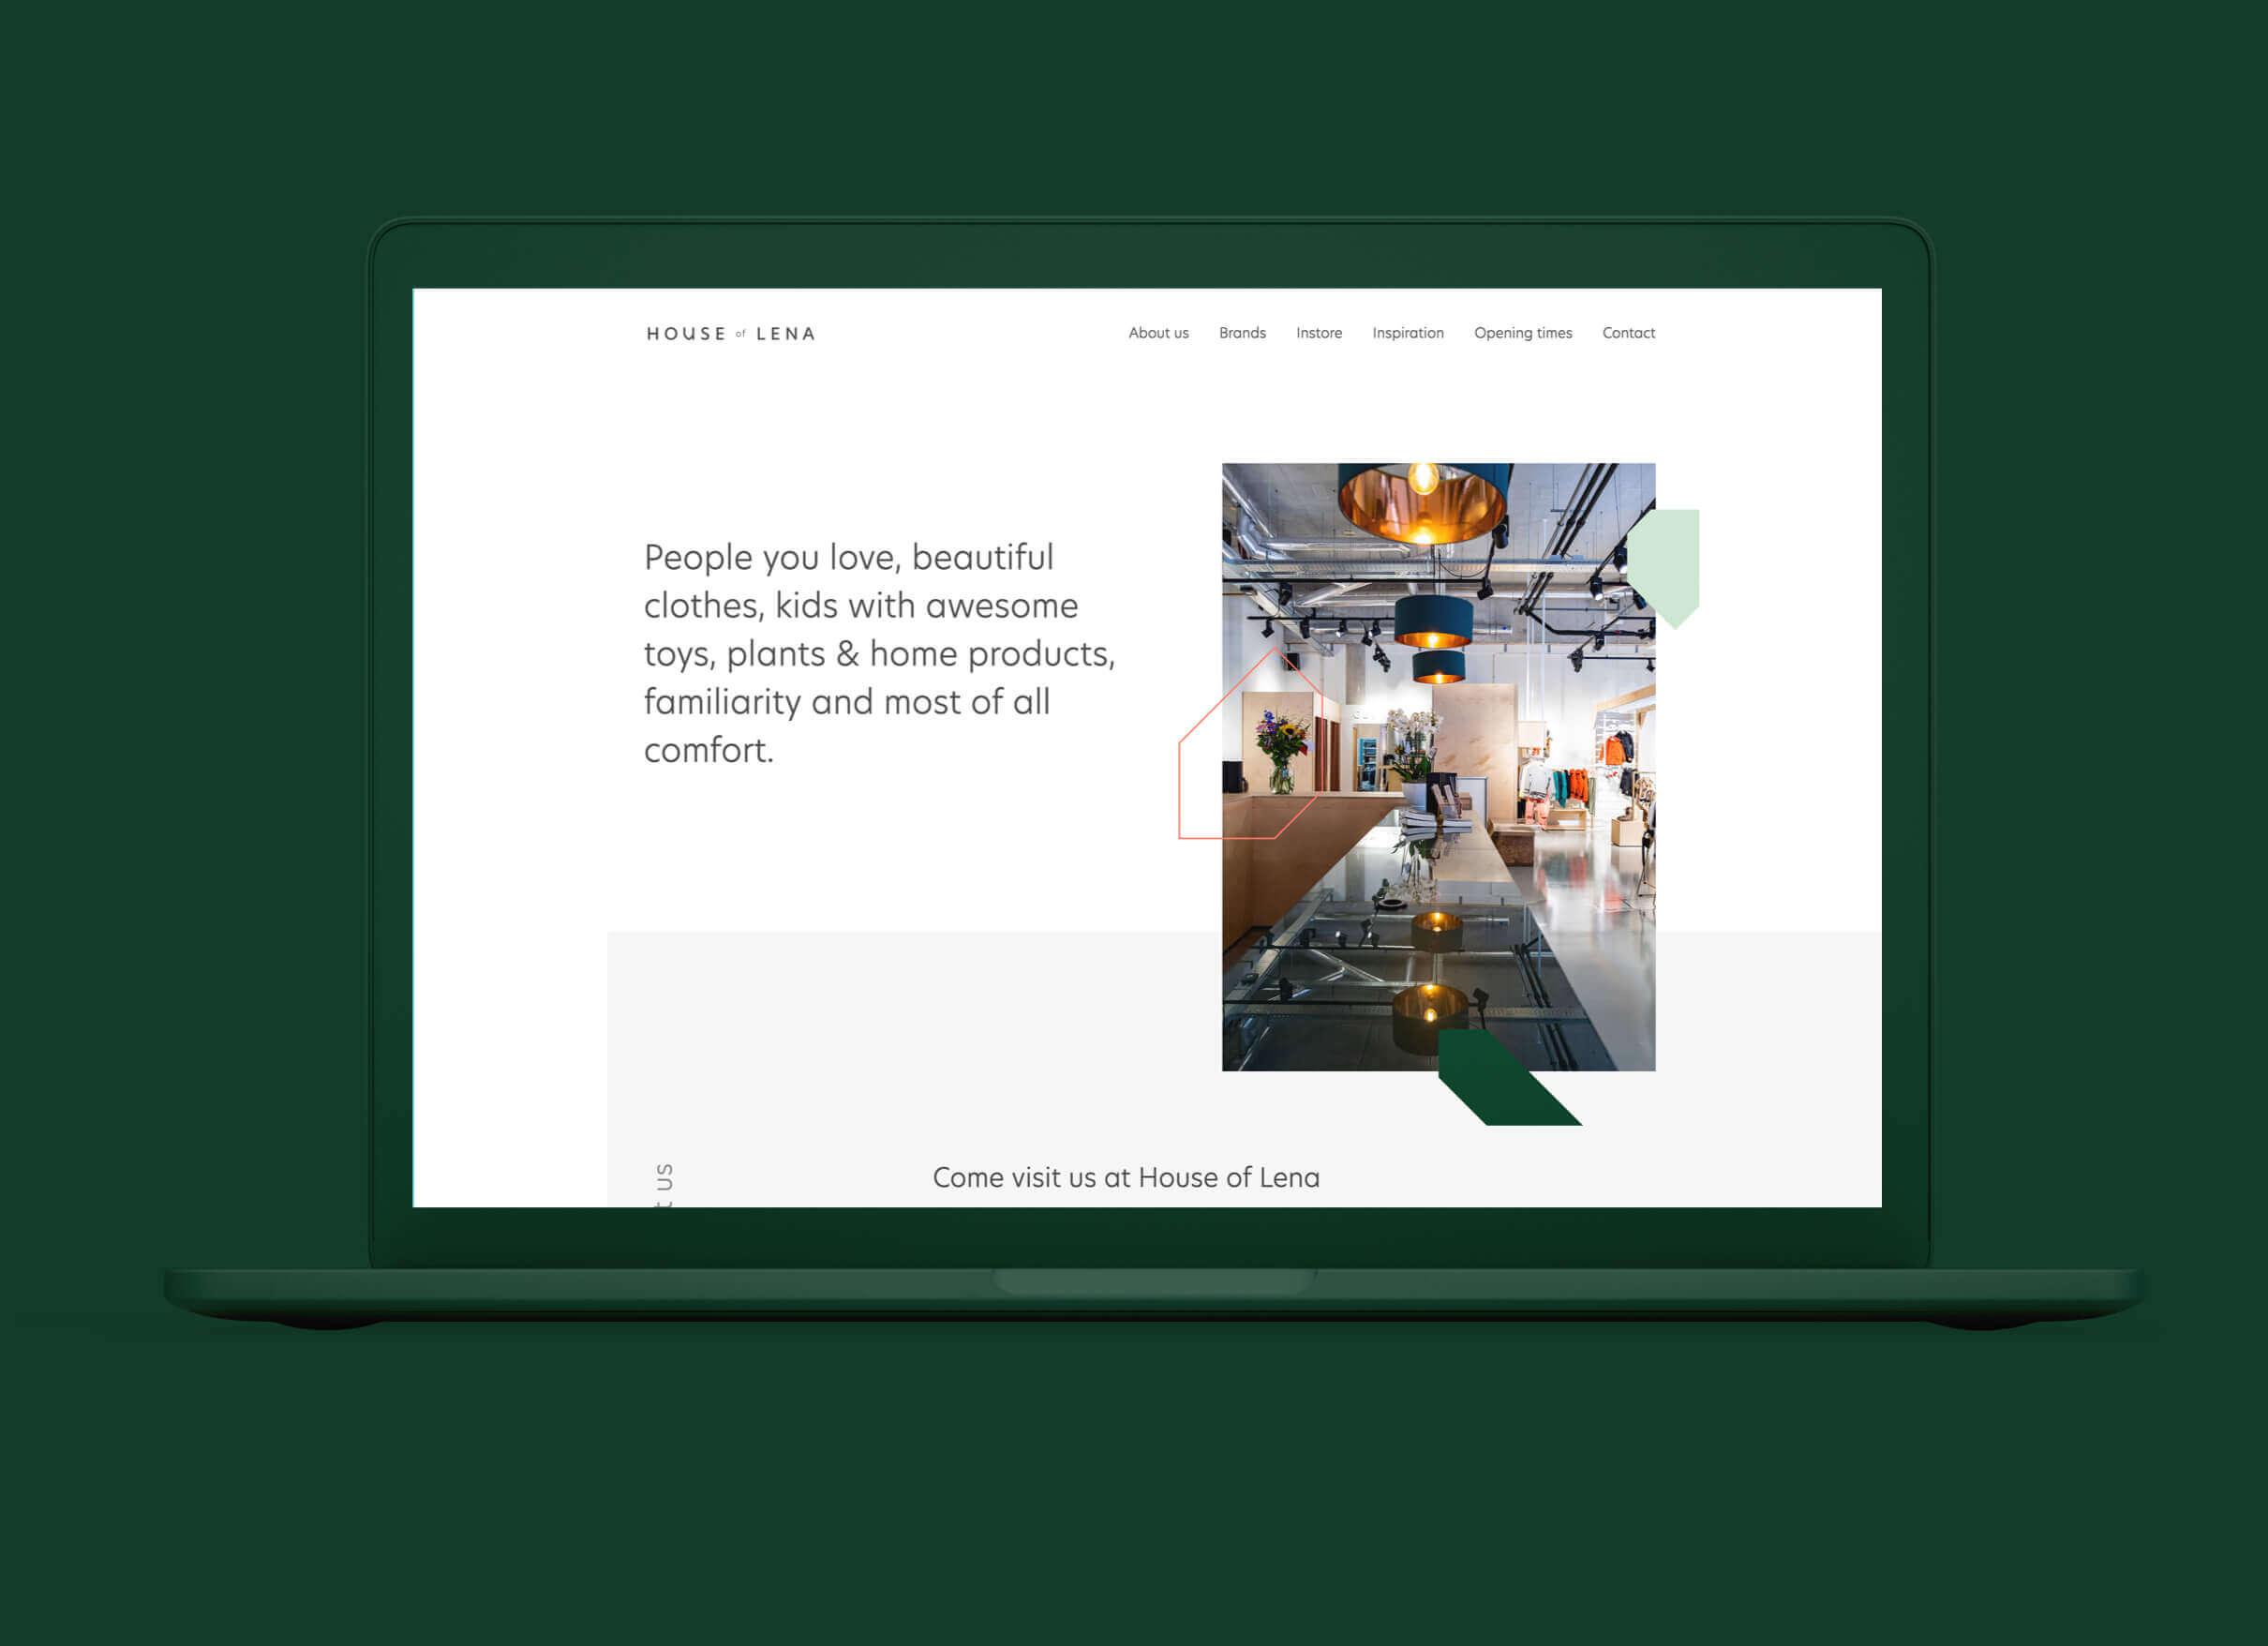 House of Lena homepage ontwerp afgebeeld op een laptop